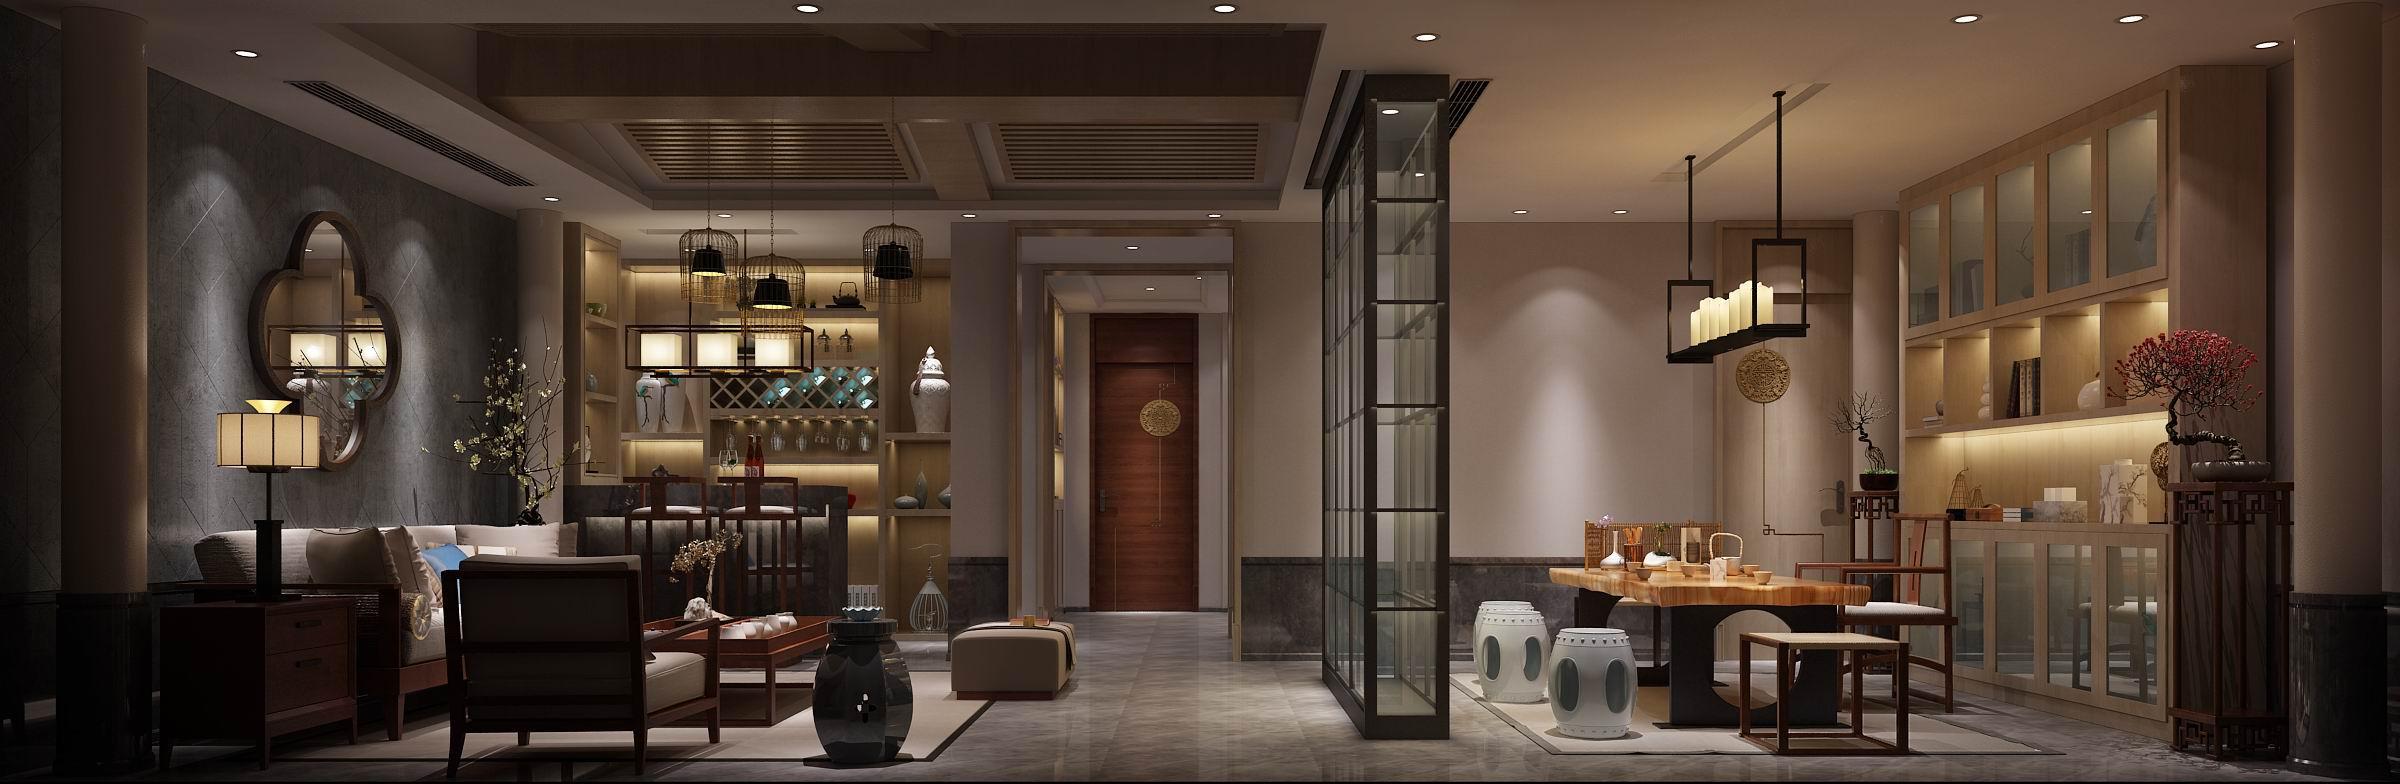 别墅 装修 设计 案例 法式 新中式 地下休闲室图片来自无锡别墅设计s在鸿墅405㎡法式+新中式装修案例的分享